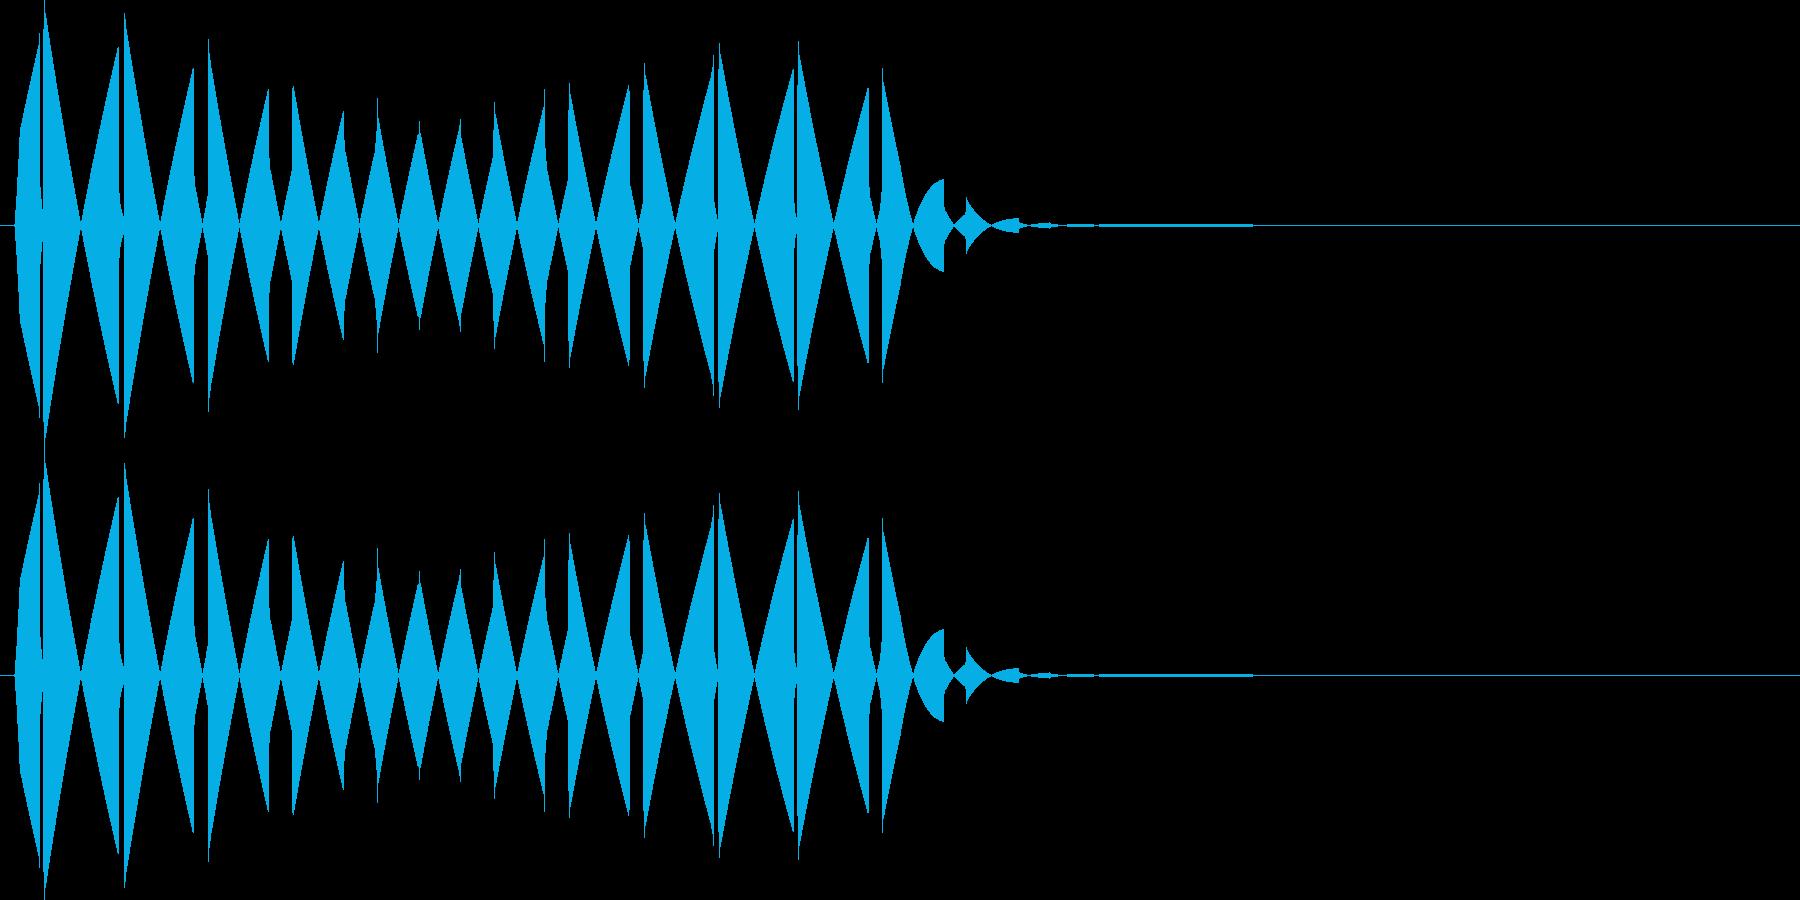 ブ(キャンセル、カーソル移動、行止まり)の再生済みの波形